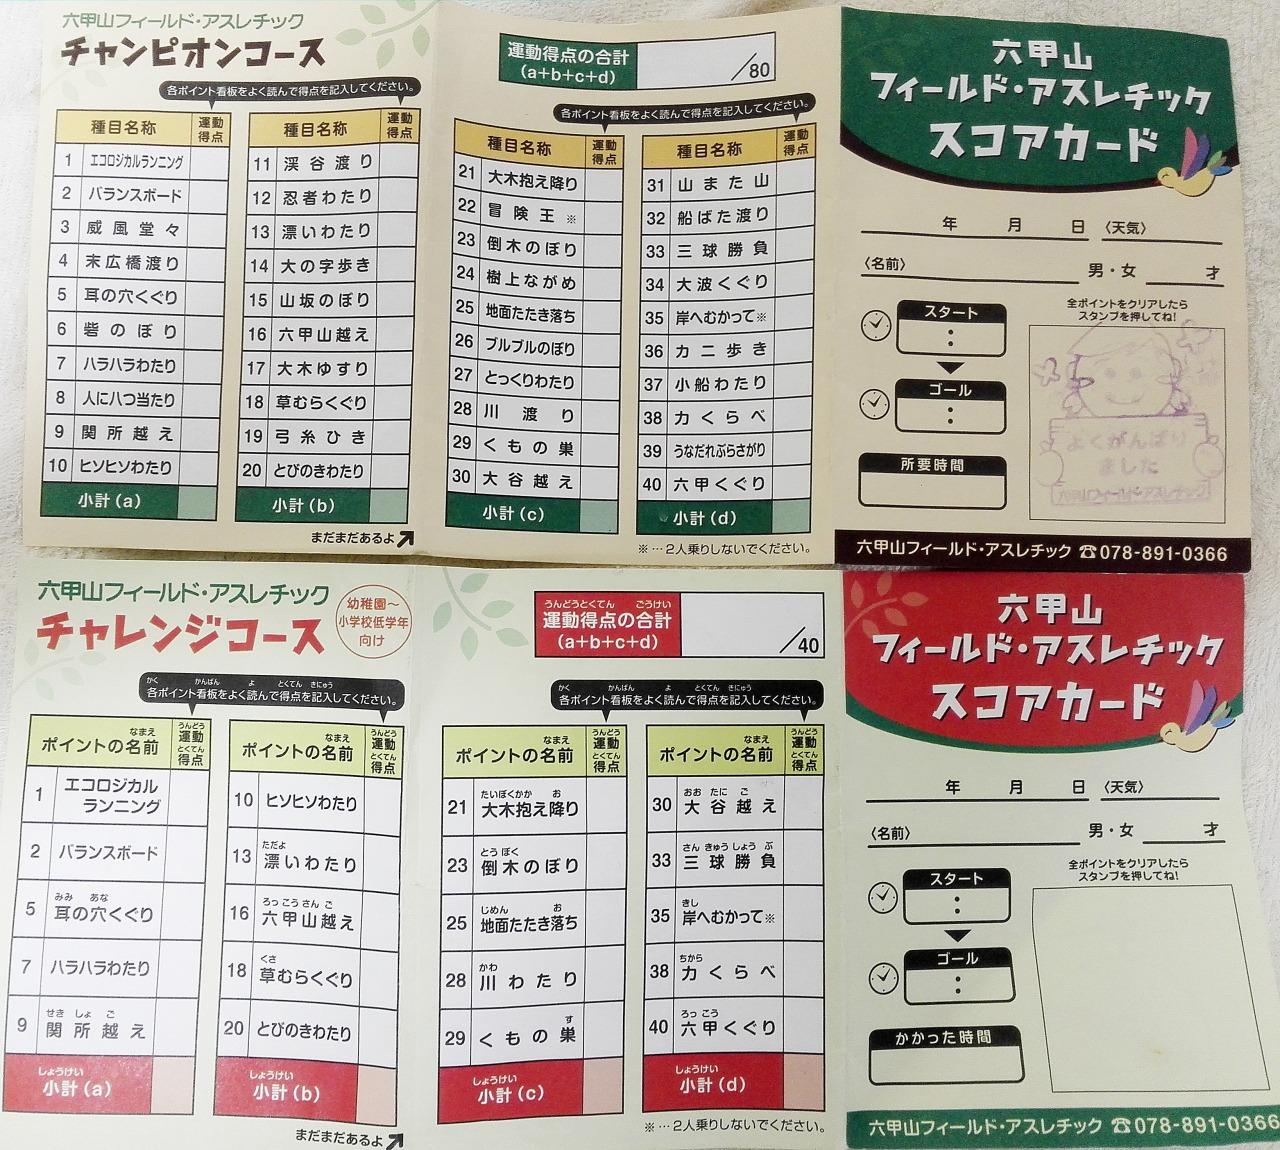 六甲山アスレチックカード